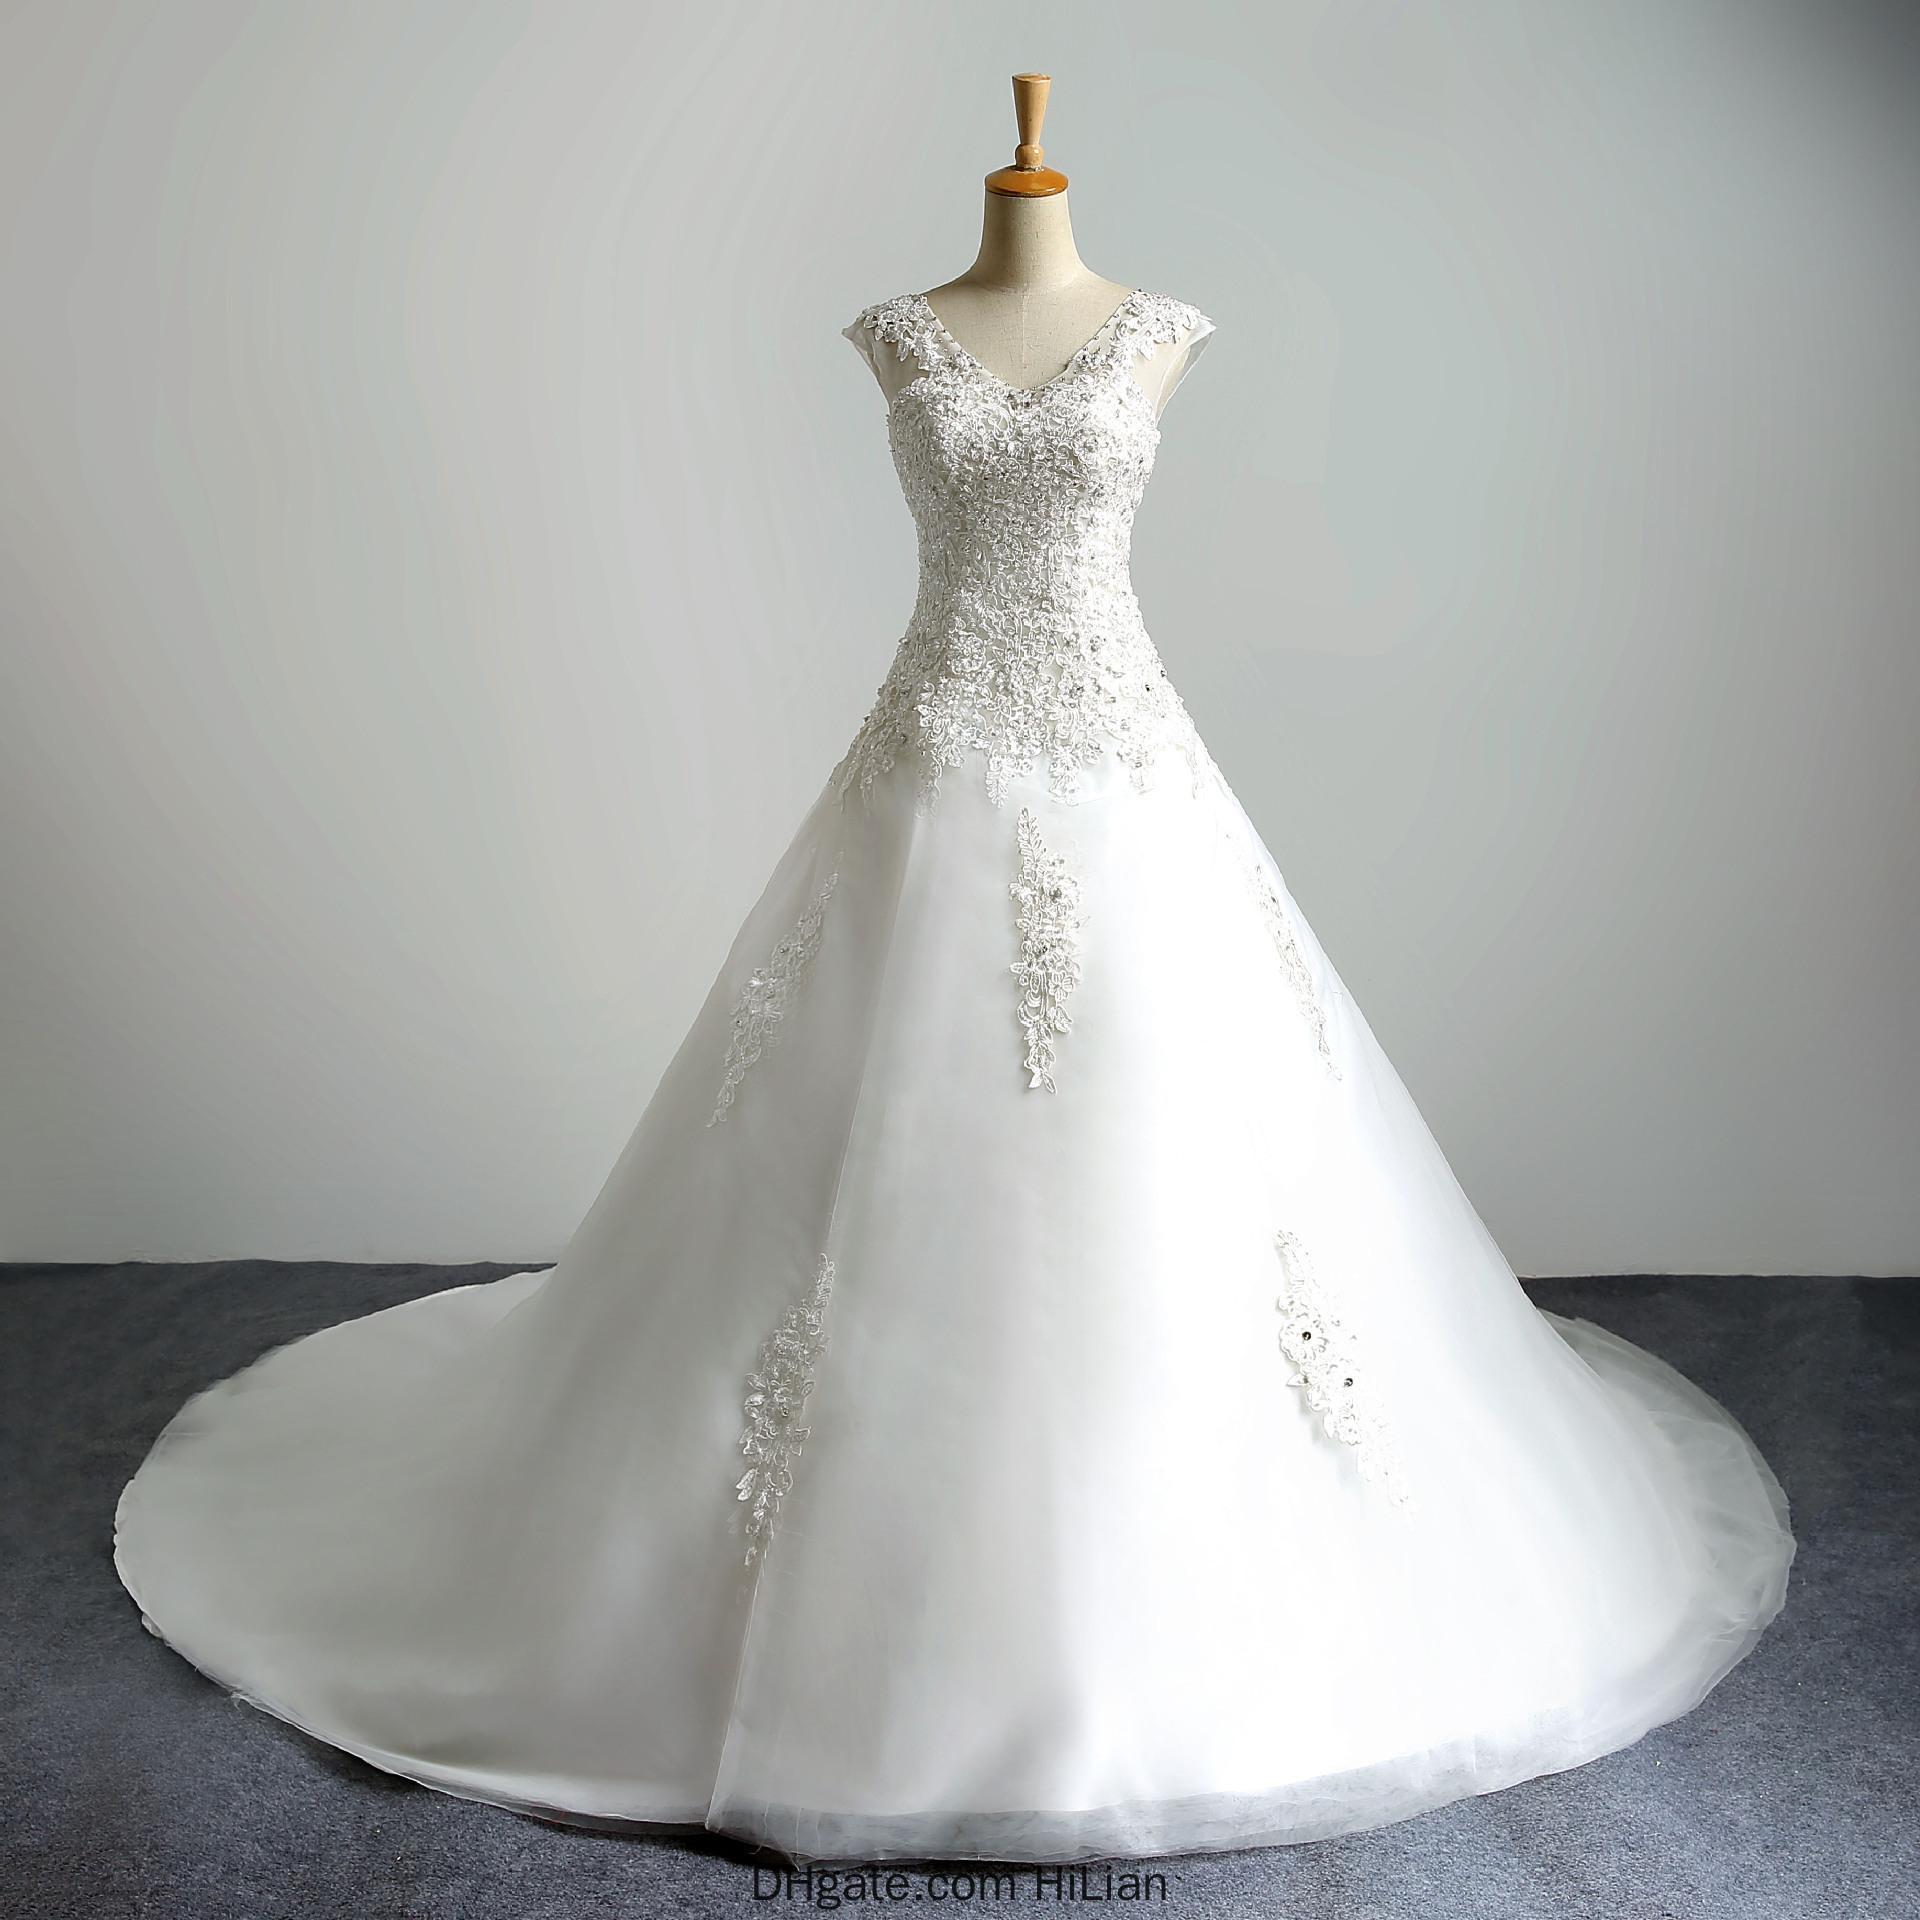 Sexy V-Ausschnitt Weiß Elfenbein-Spitze Applique Brautkleid A-Linie Brautkleid schnüren sich oben zurück formales Kleid mit Schleppe